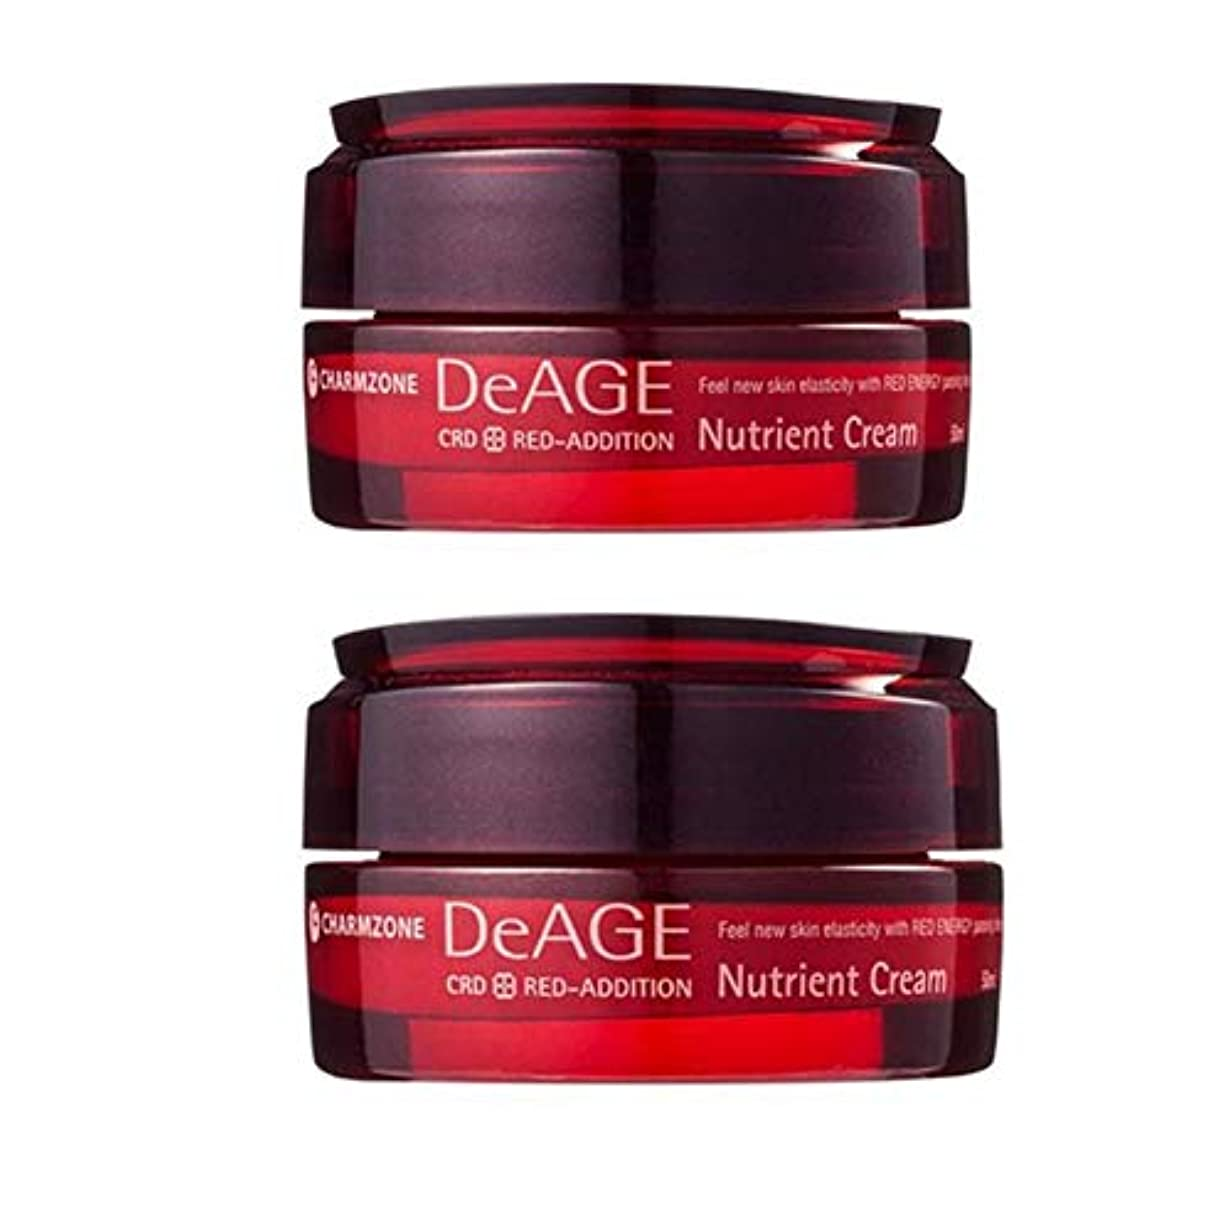 スリッパこしょう苦チャムジョンディエイジレッドエディションニュトゥリオントゥクリーム50ml x 2本セット 栄養クリーム, Charmzone DeAGE Red-Addition Nutrient Cream 50ml x 2ea Set [並行輸入品]